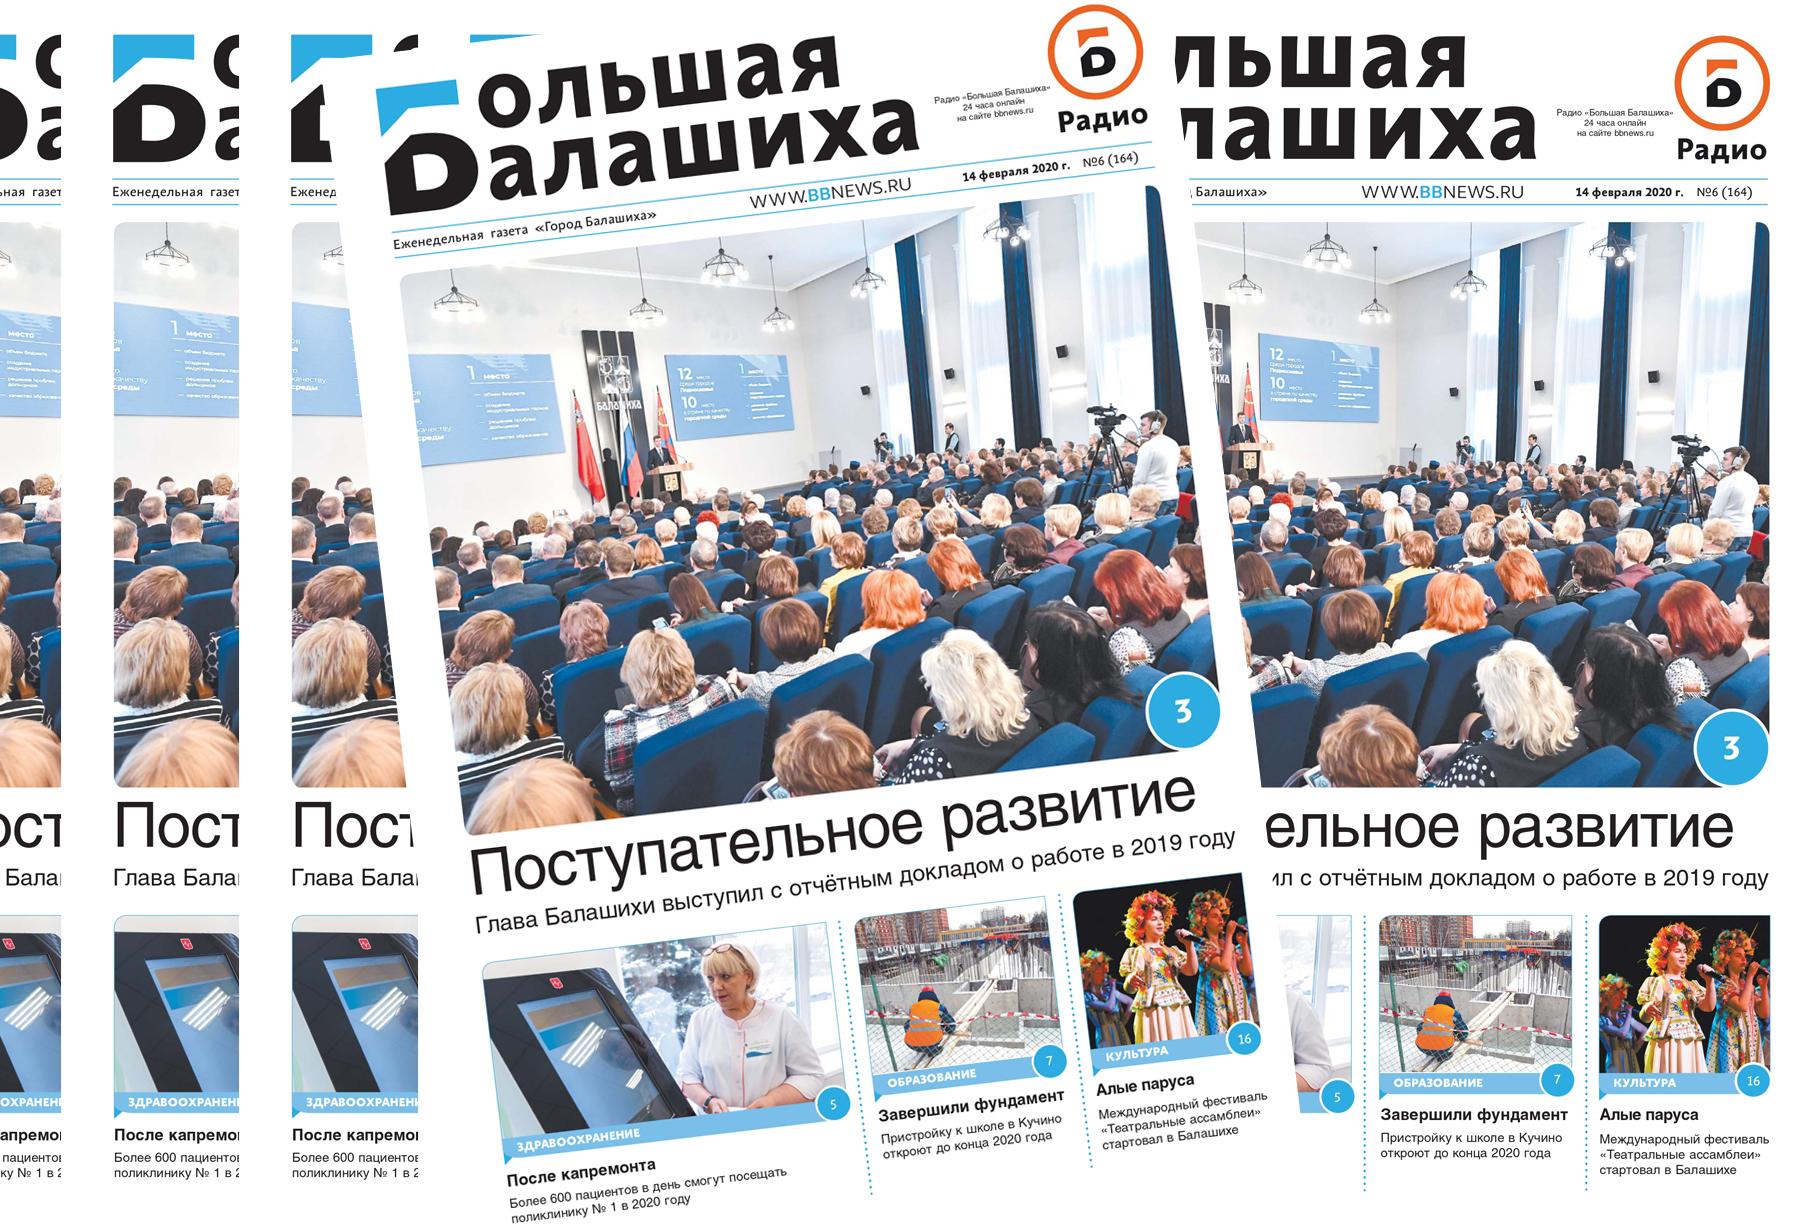 Вышла газета «Город Балашиха» №6 (164)